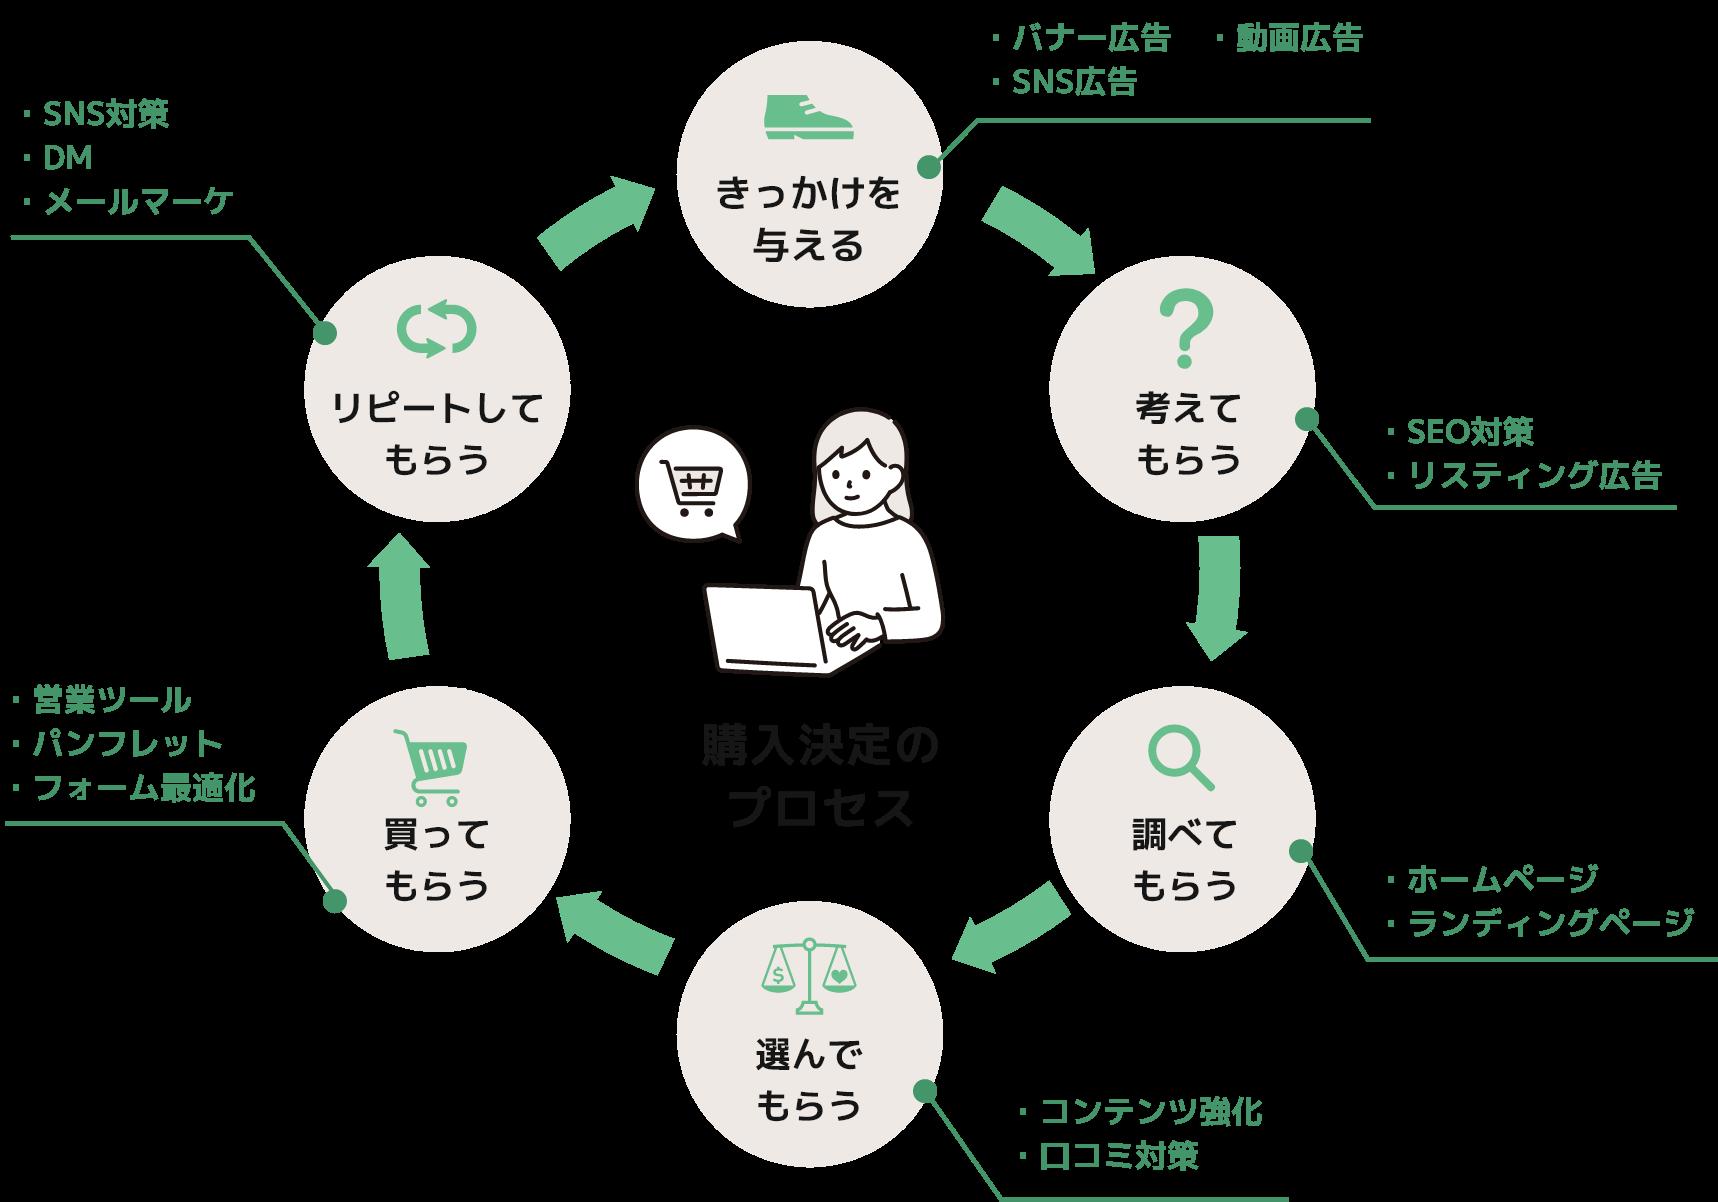 購入決定のプロセス